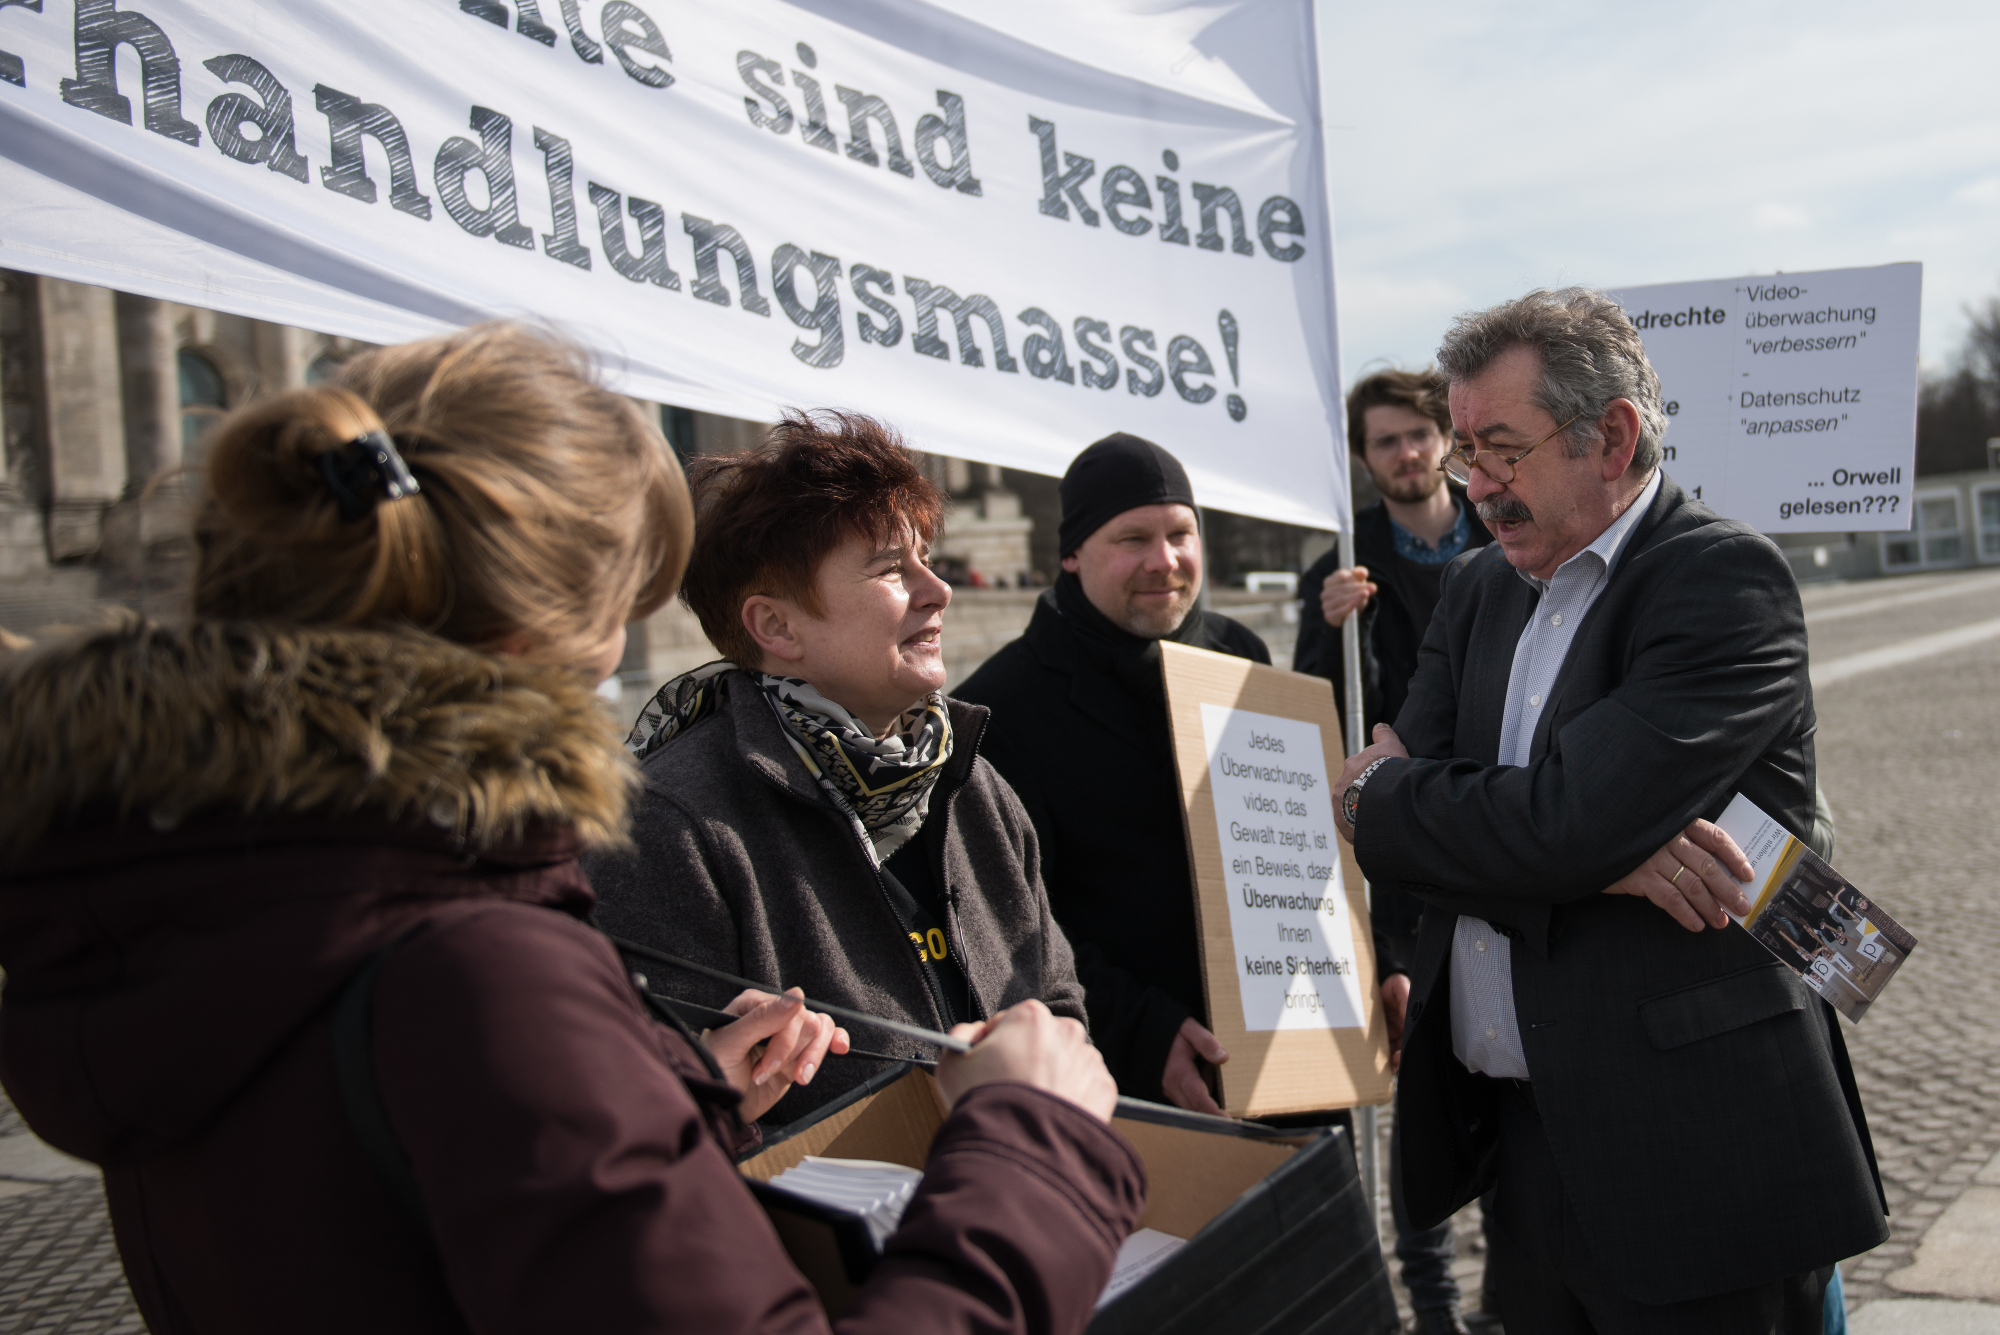 Rena Tangens im Gespräch mit MdB Gerold Reichenbach (SPD).